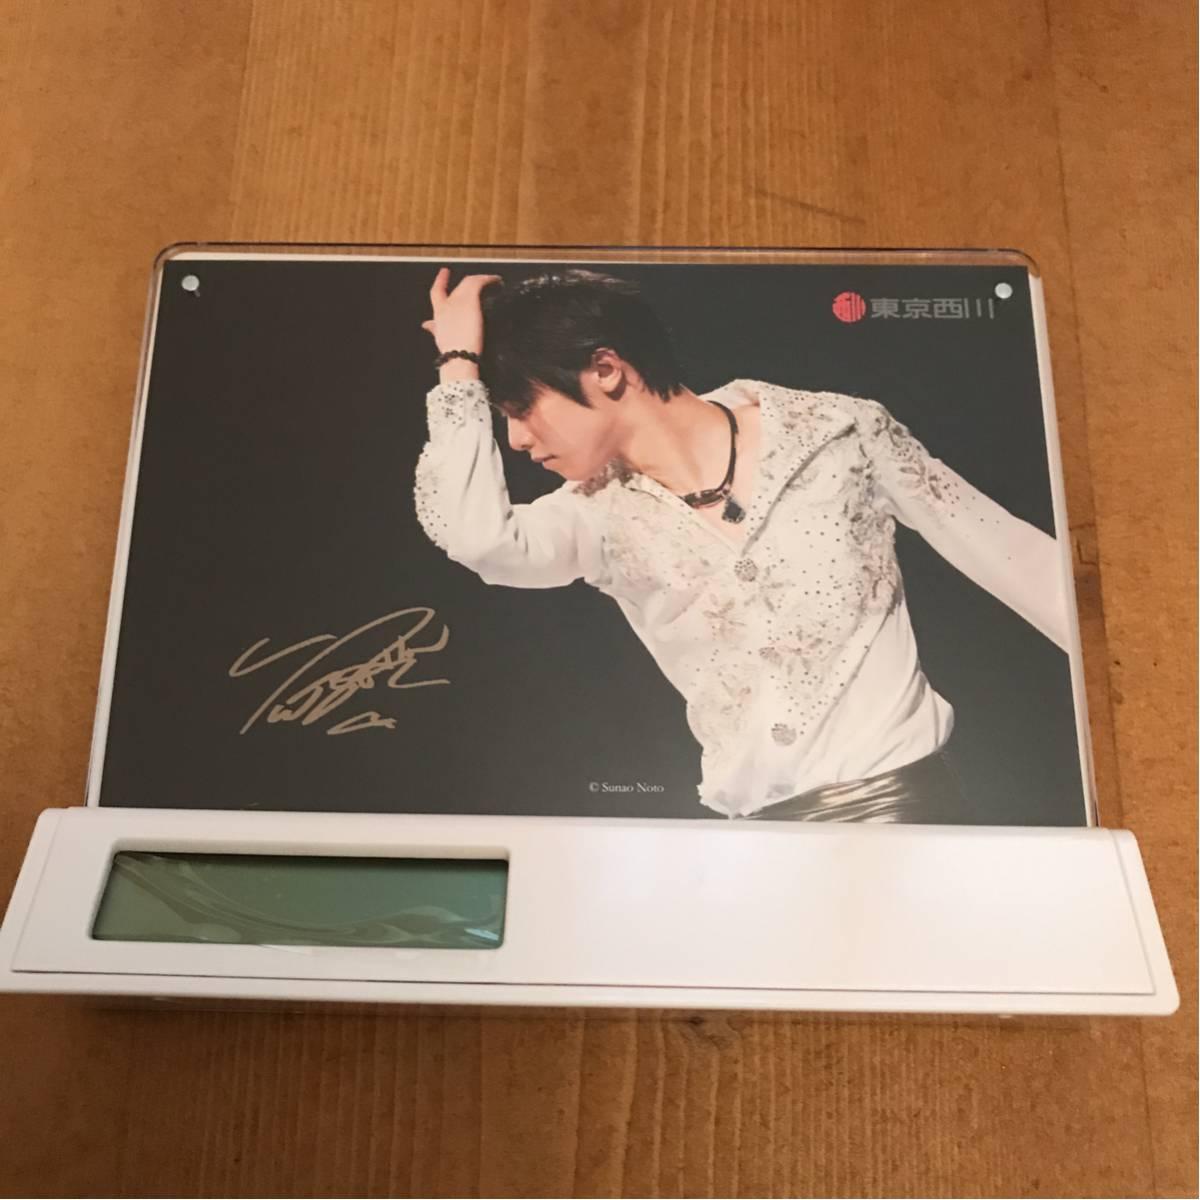 送料込み 新品 羽生結弦 東京西川 フォトフレーム クロック 写真とポスター展 メモリアルブック